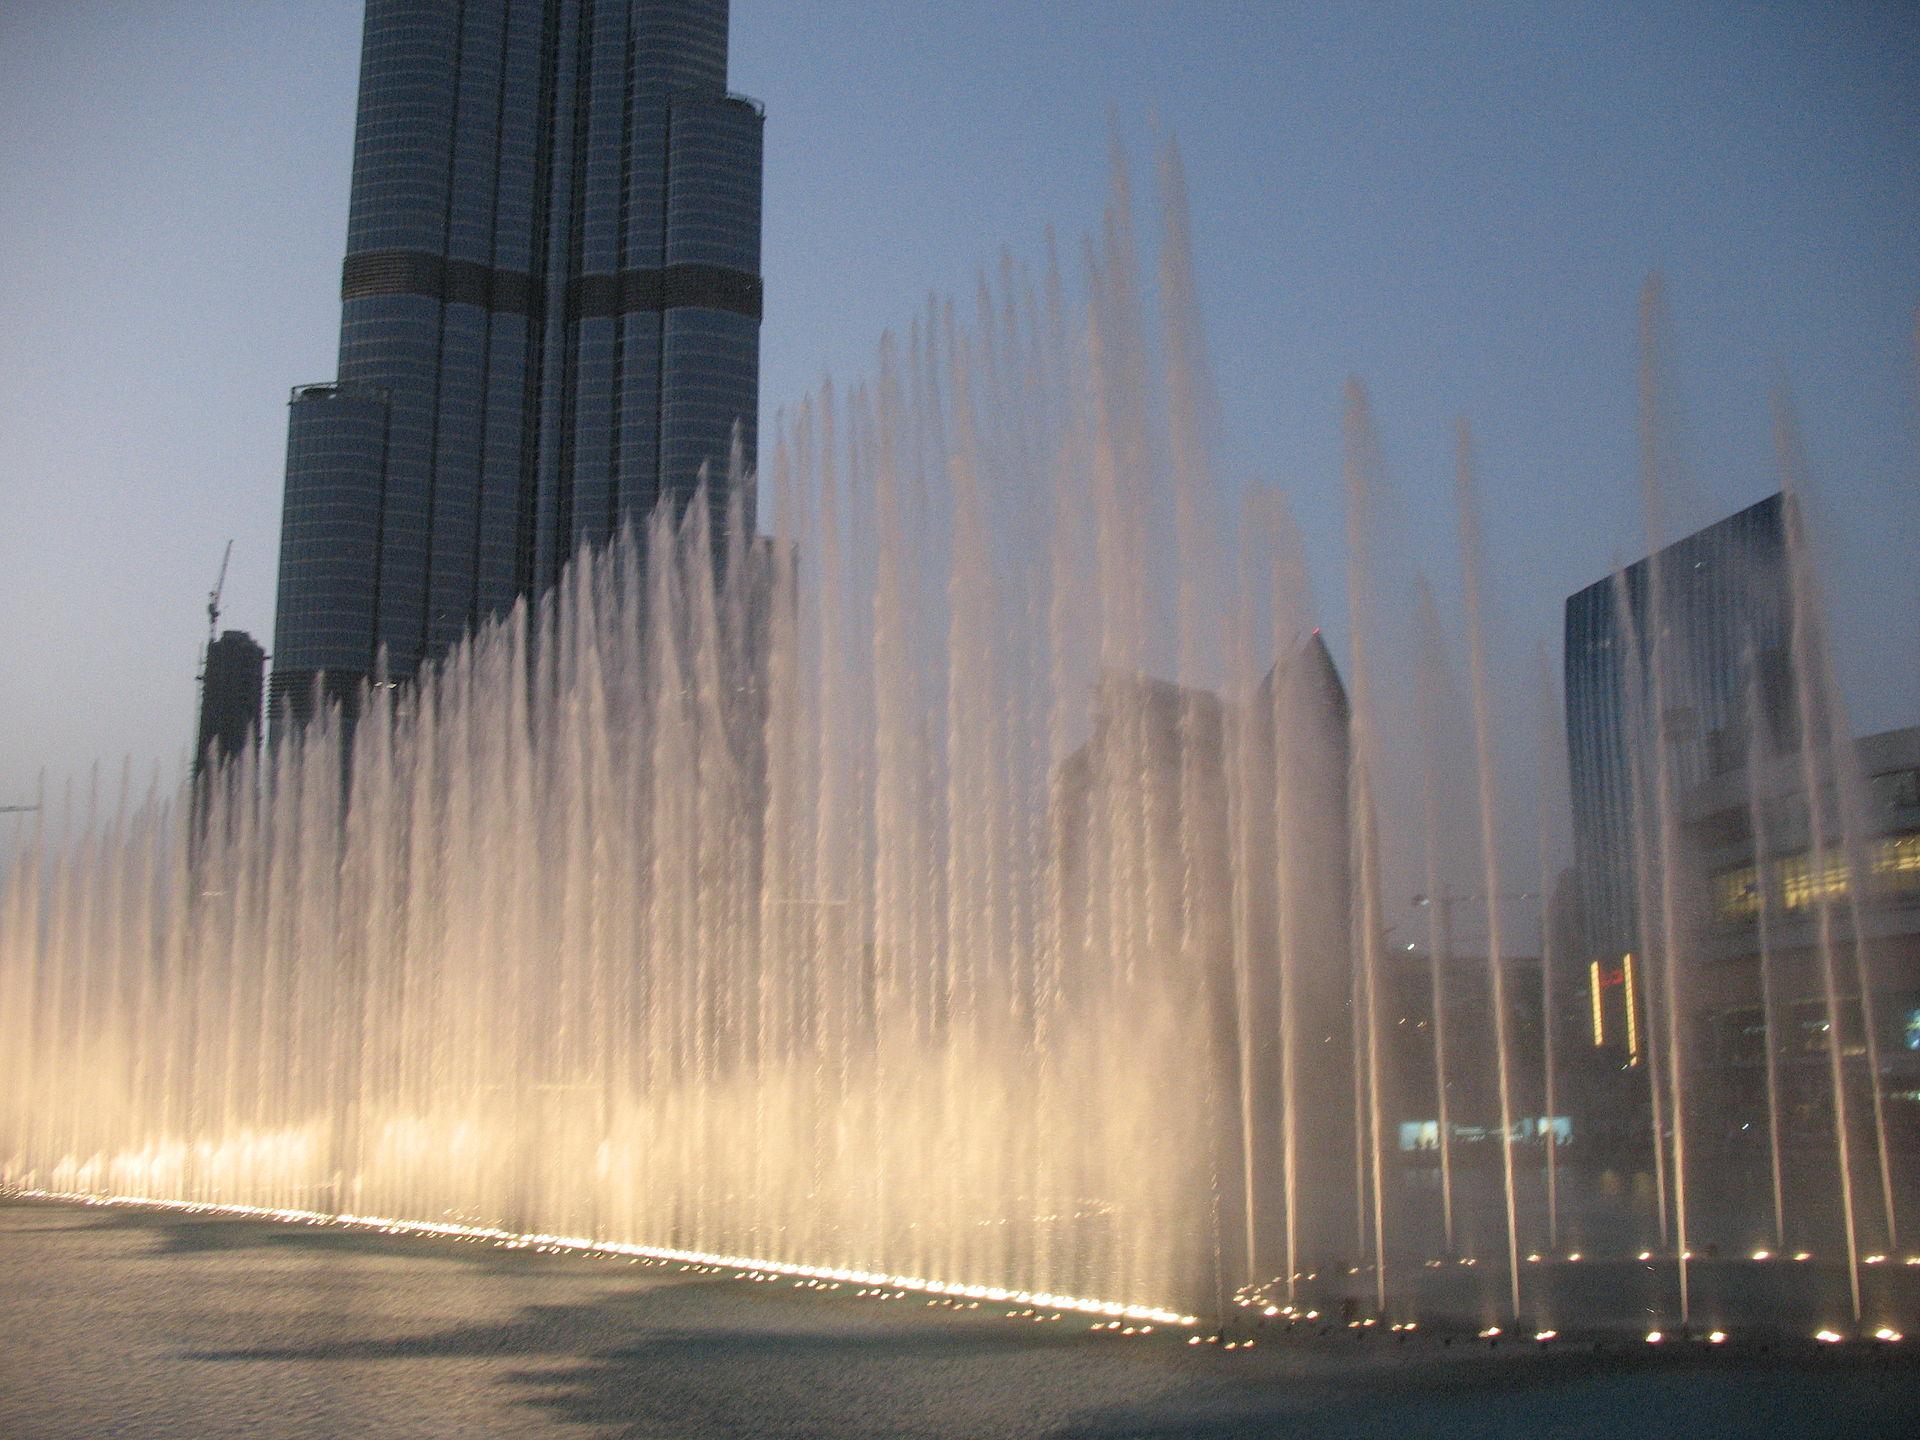 Fuente de Dubái - Wikipedia, la enciclopedia libre